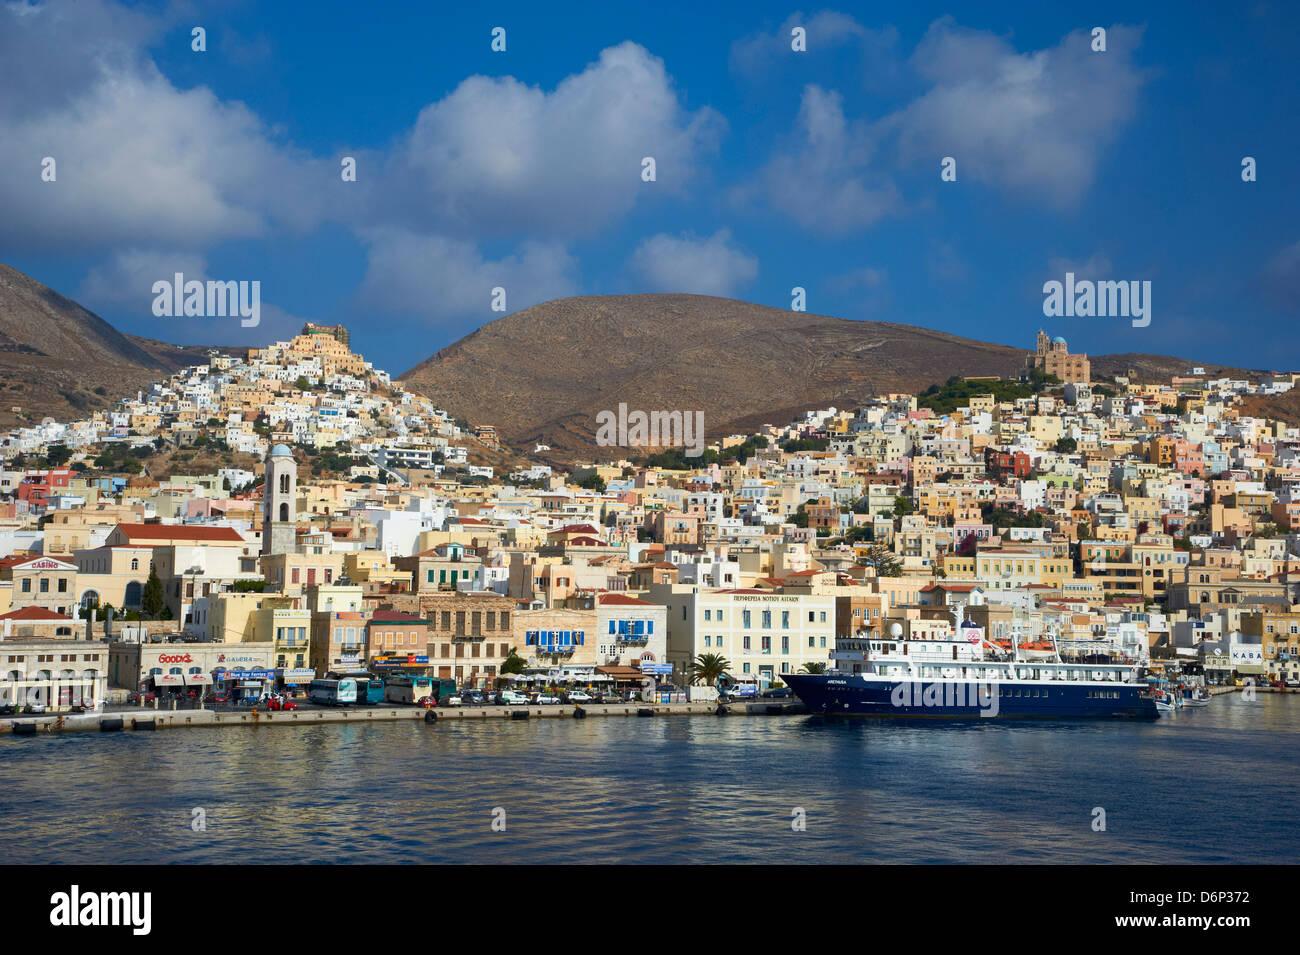 (Chora) die Hauptstadt Ermoupoli und Ano Syros, Insel Syros, Cyclades, griechische Inseln, Griechenland, Europa Stockbild